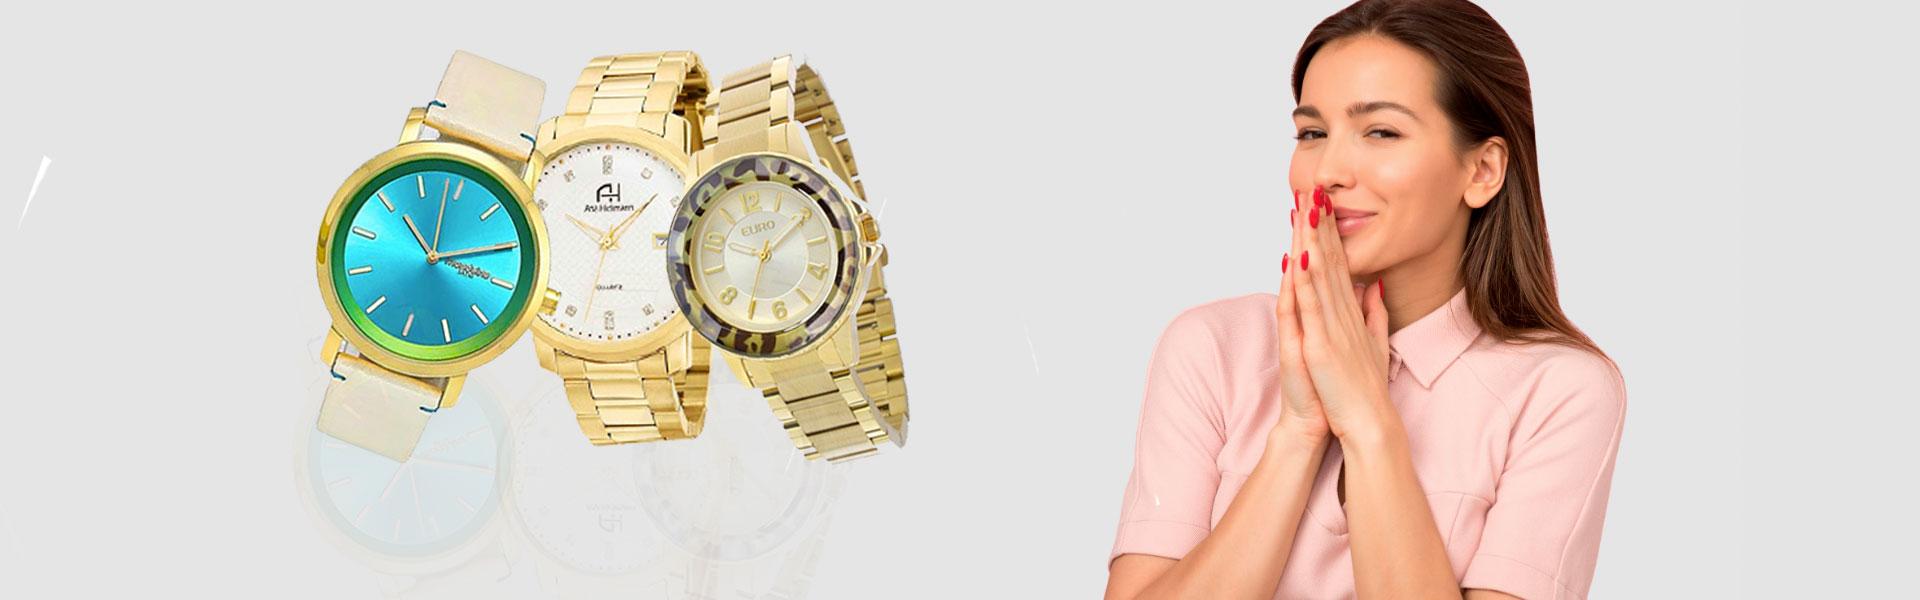 Relógios femininos originais